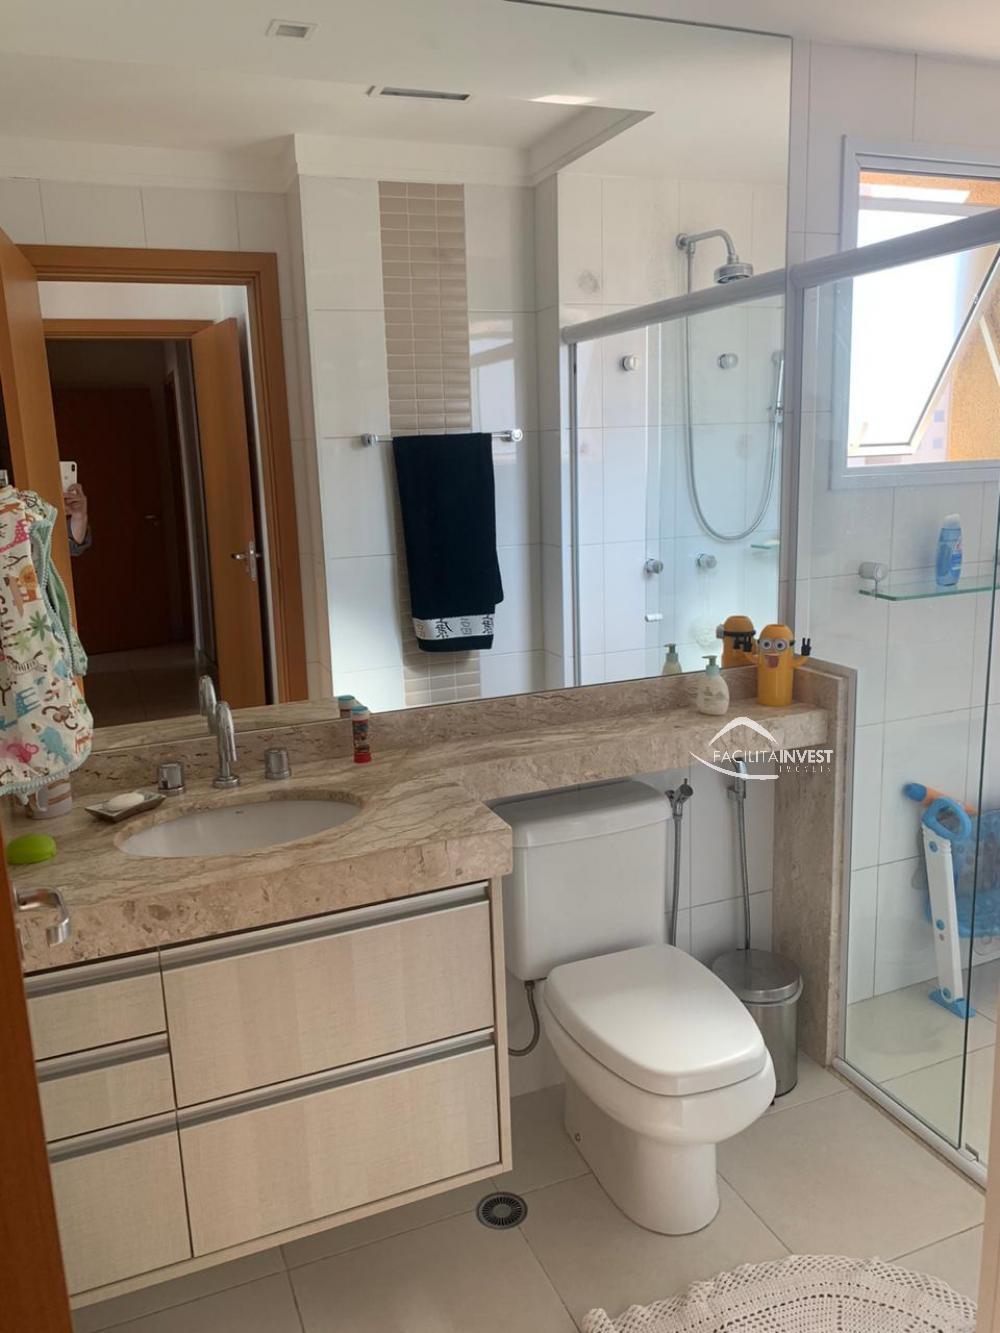 Comprar Apartamentos / Apart. Padrão em Ribeirão Preto apenas R$ 1.390.000,00 - Foto 25